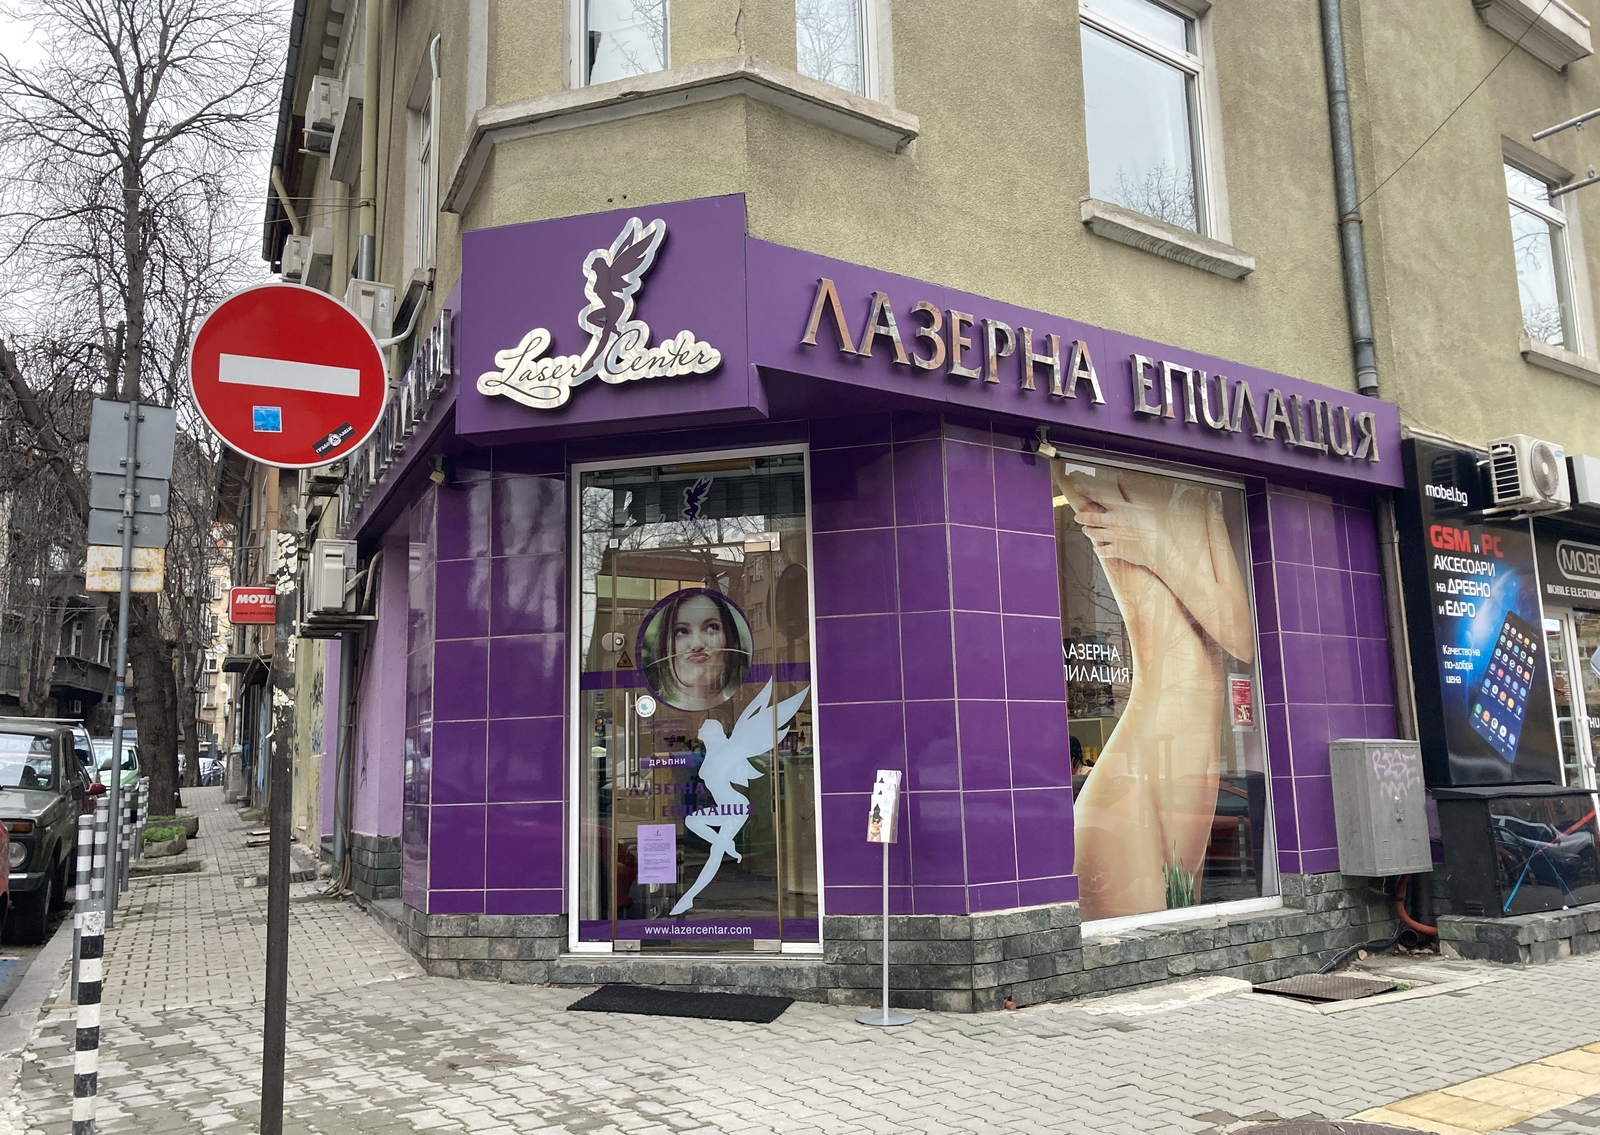 Лазер Център бул. В. Левски София